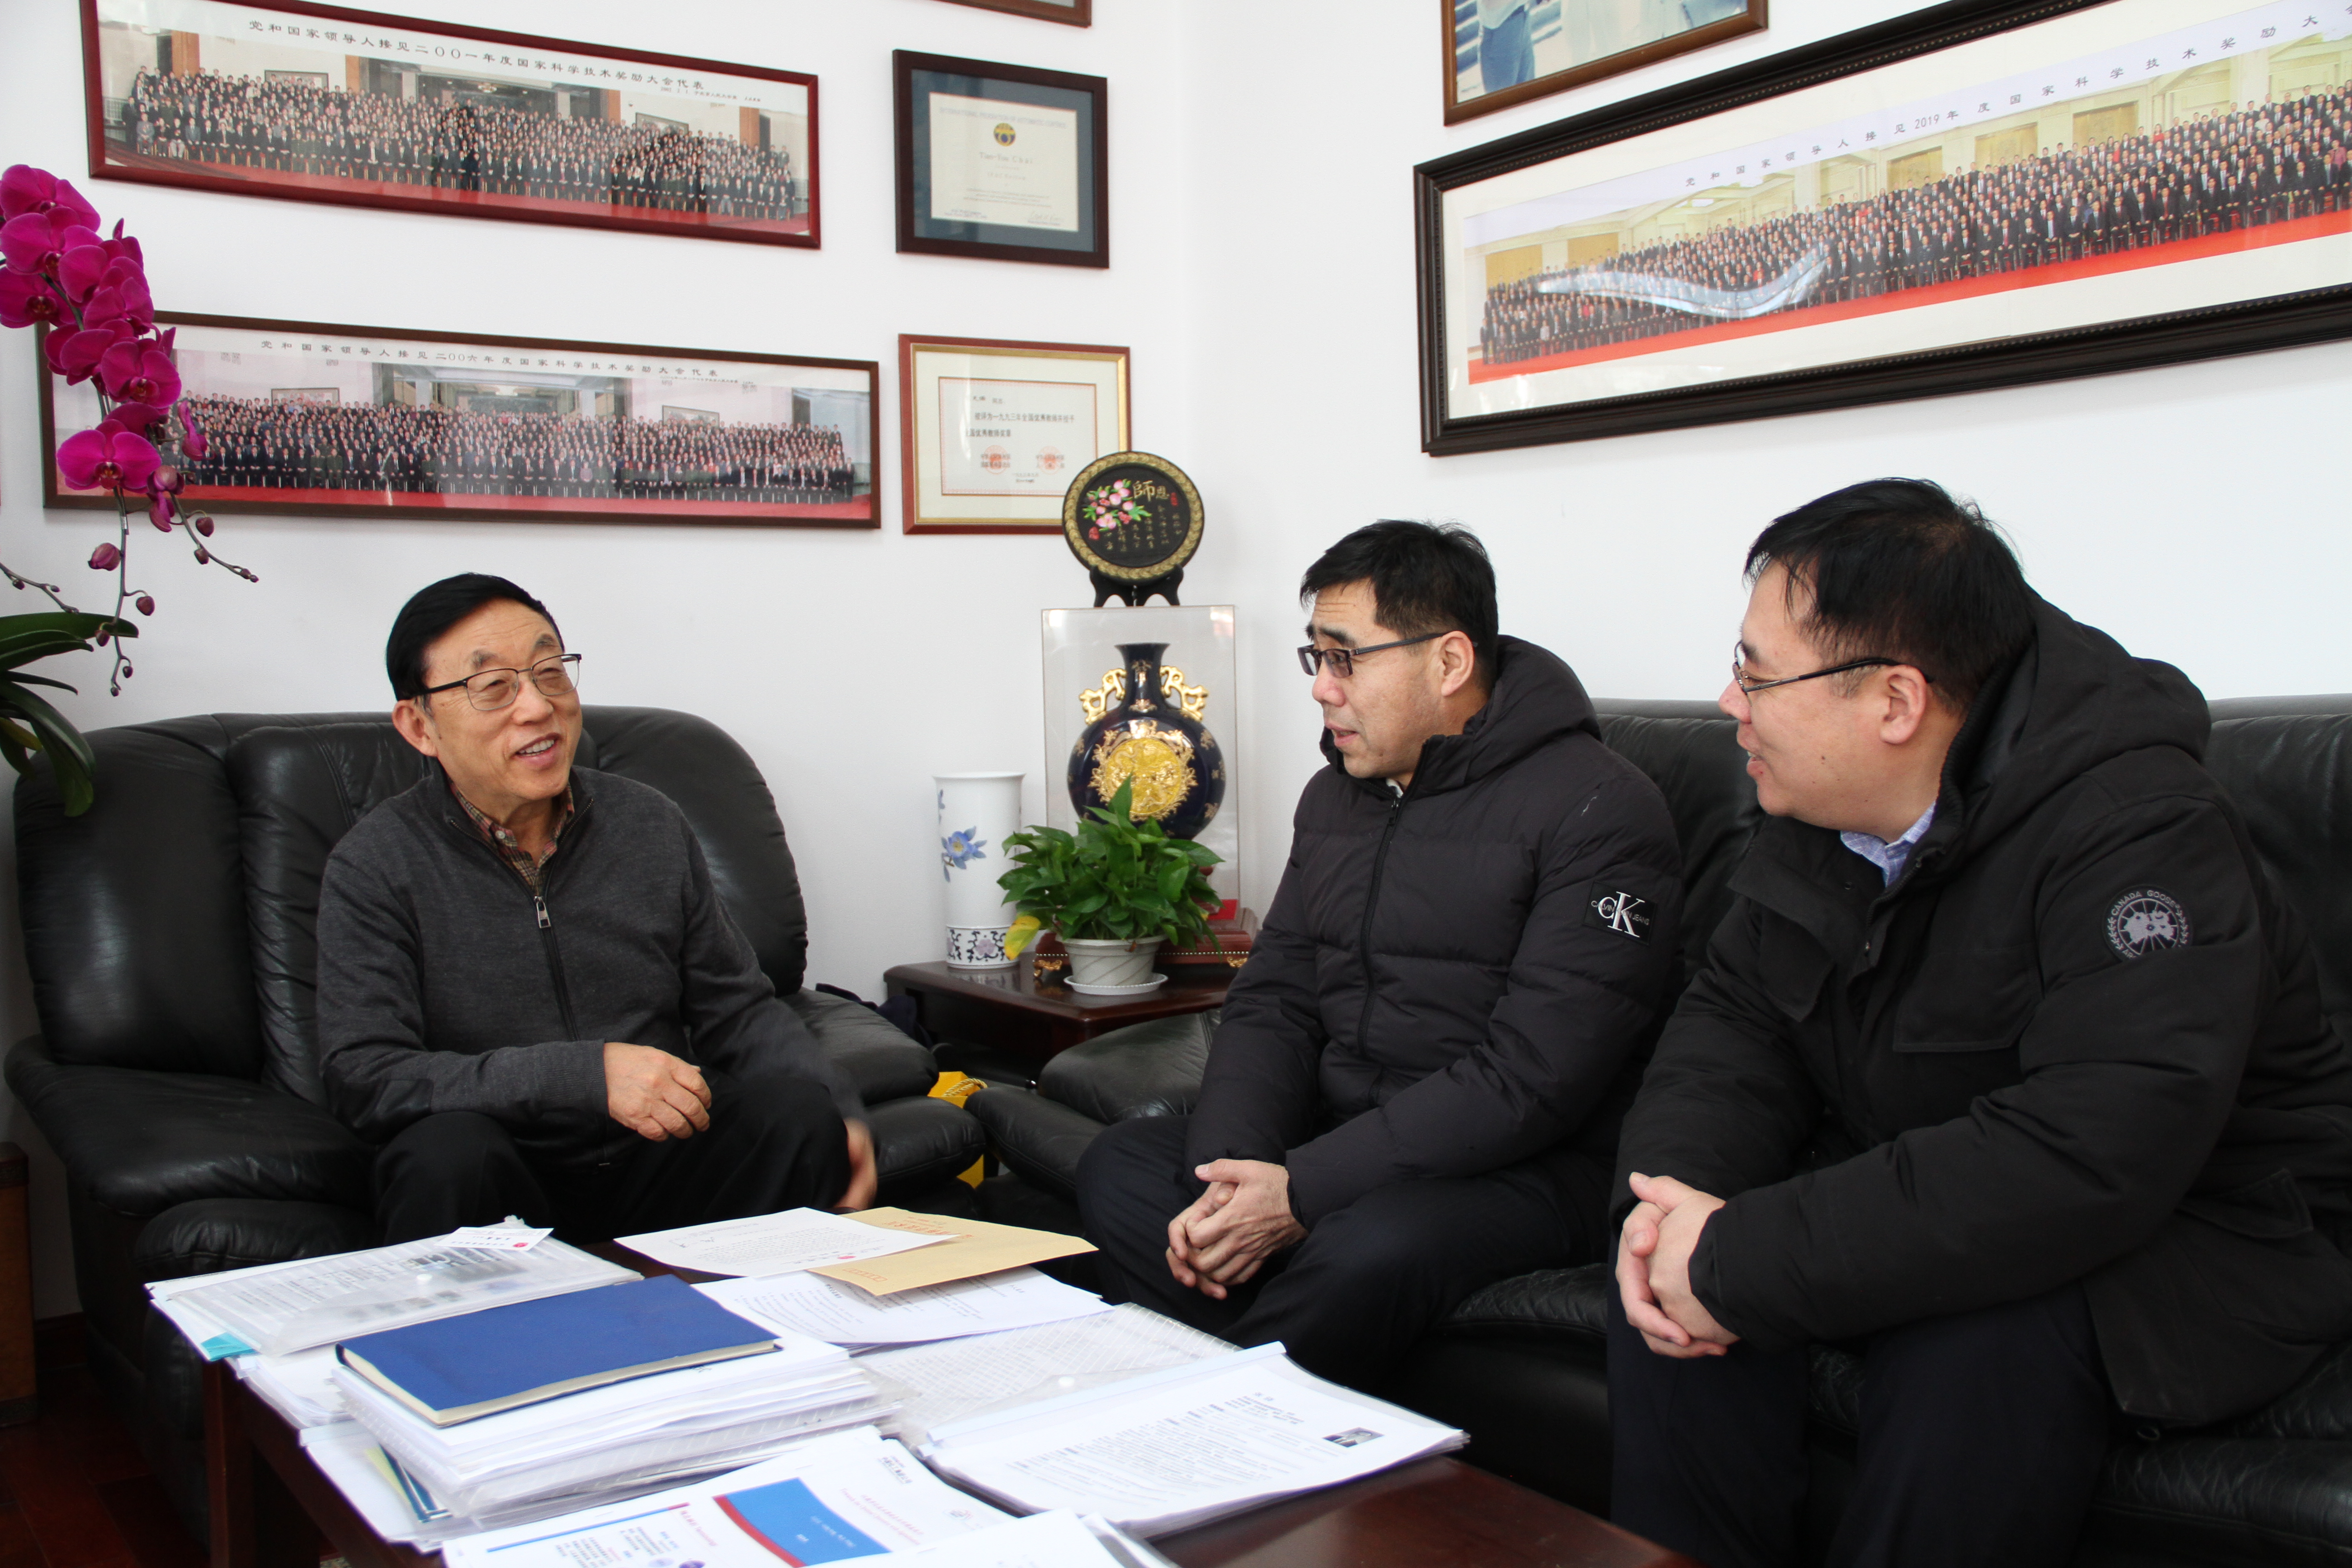 辽宁省科技厅副厅长王成鑫一行来